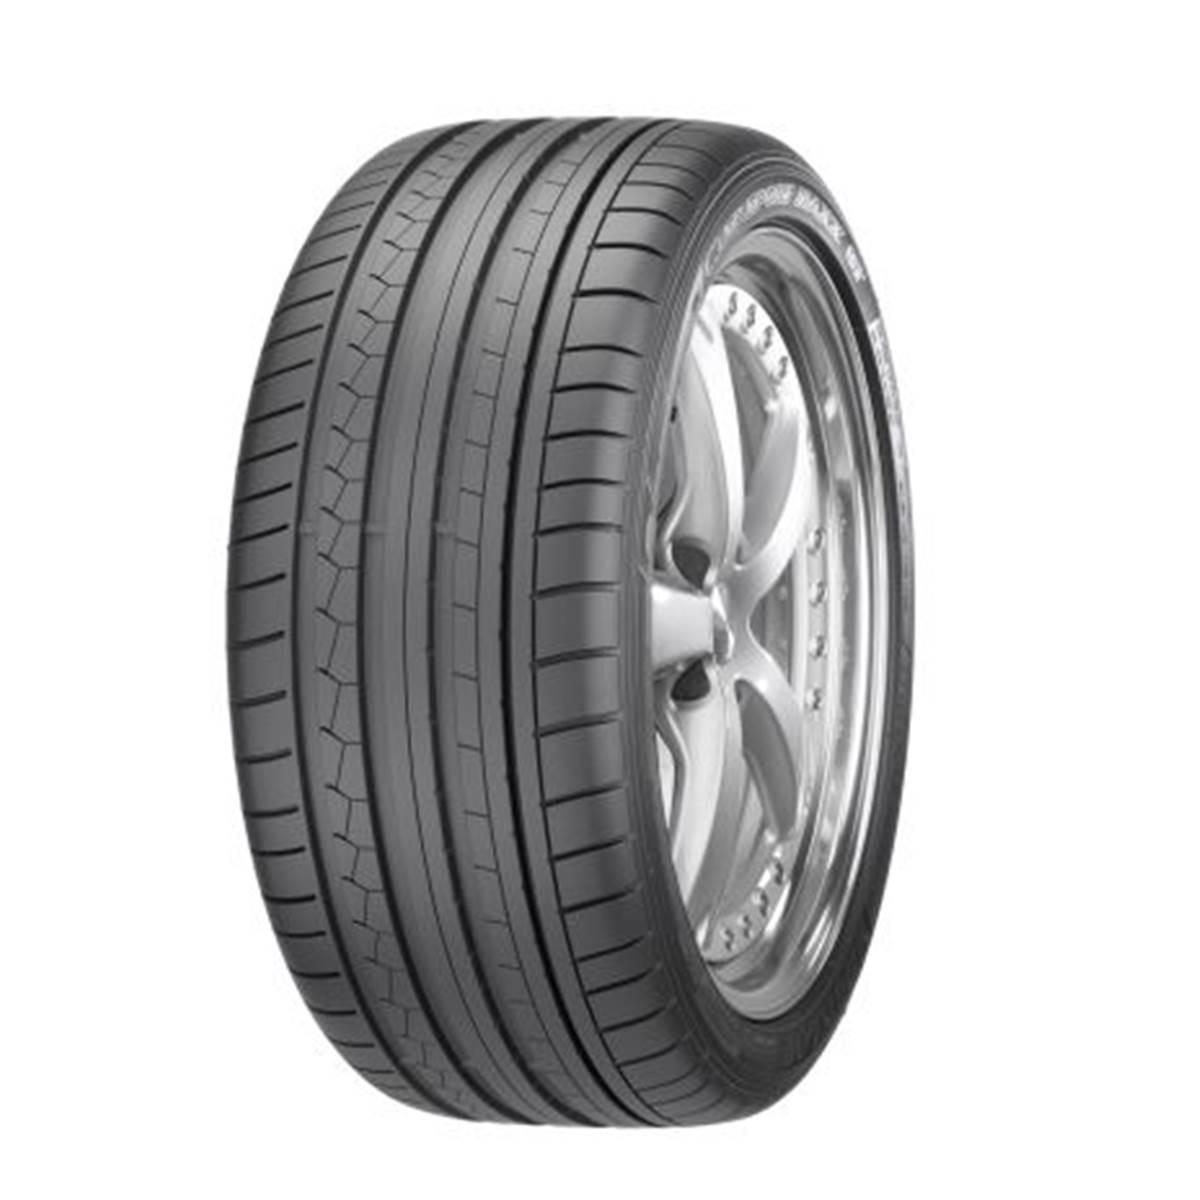 Pneu Dunlop 265/40R21 105Y Sp Sport Maxx Gt XL